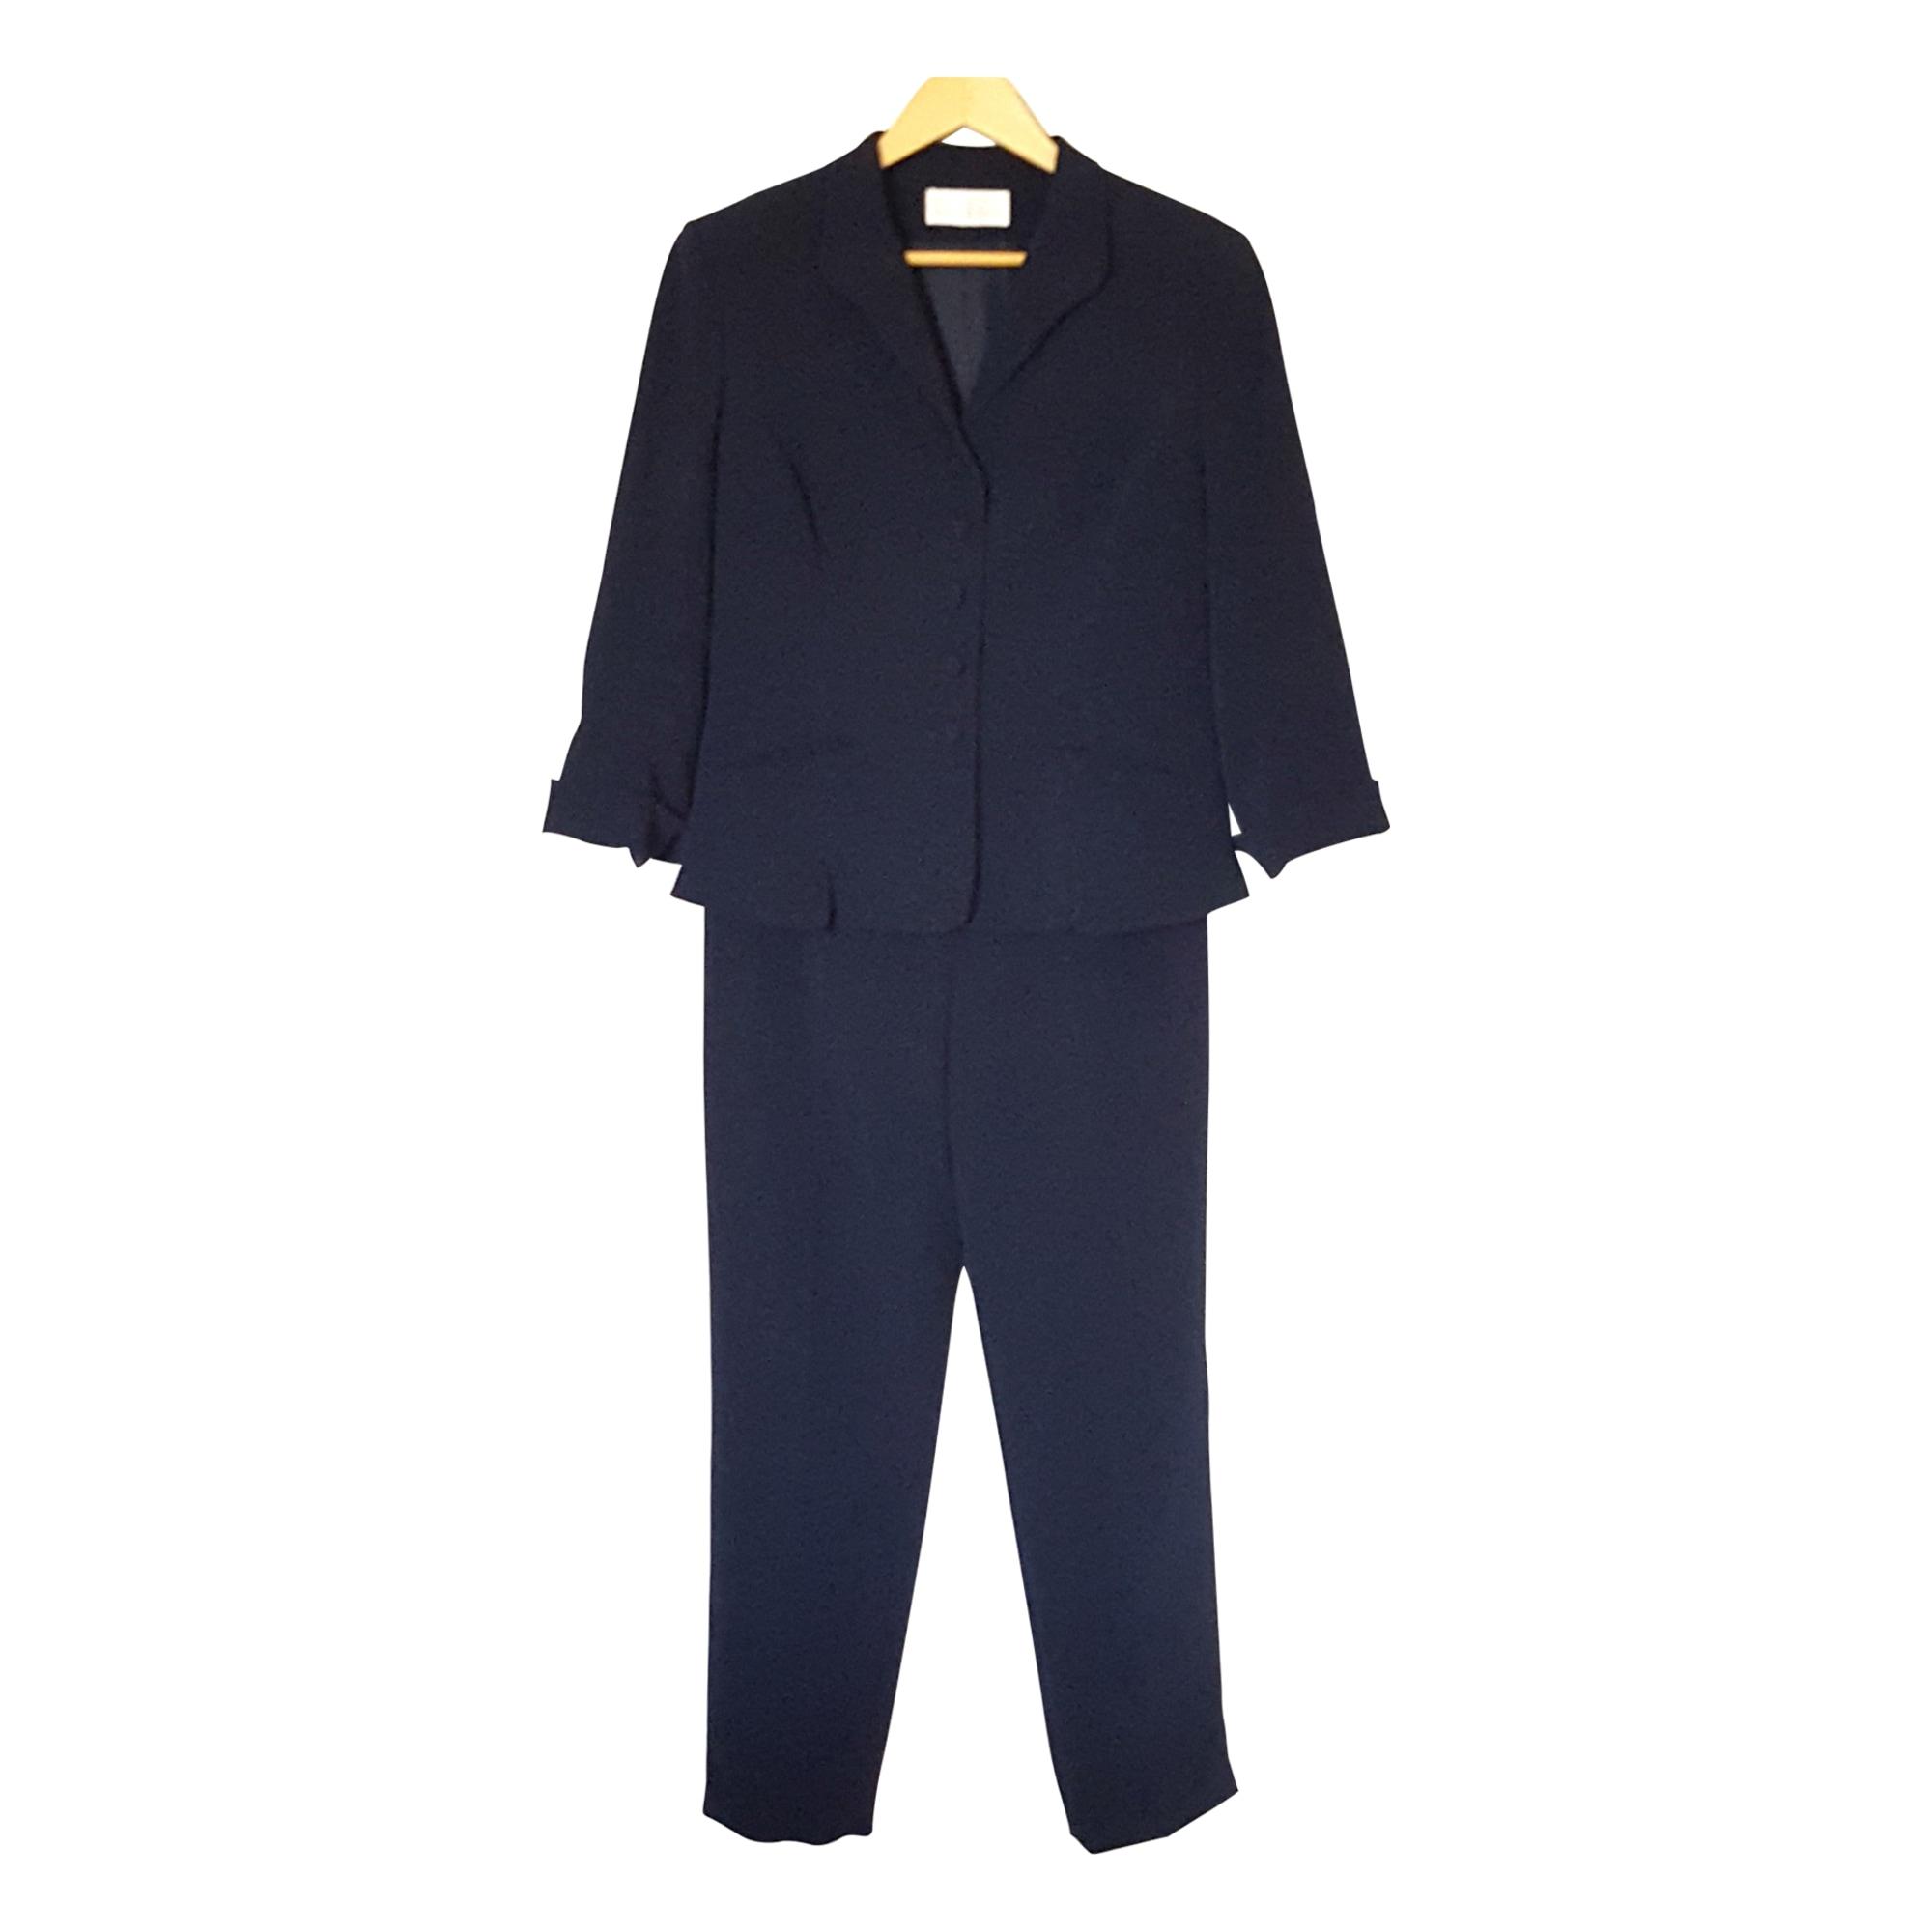 b72d2f1aff Tailleur pantaloni UN JOUR AILLEURS 40 (L, T3) blu - 7433365